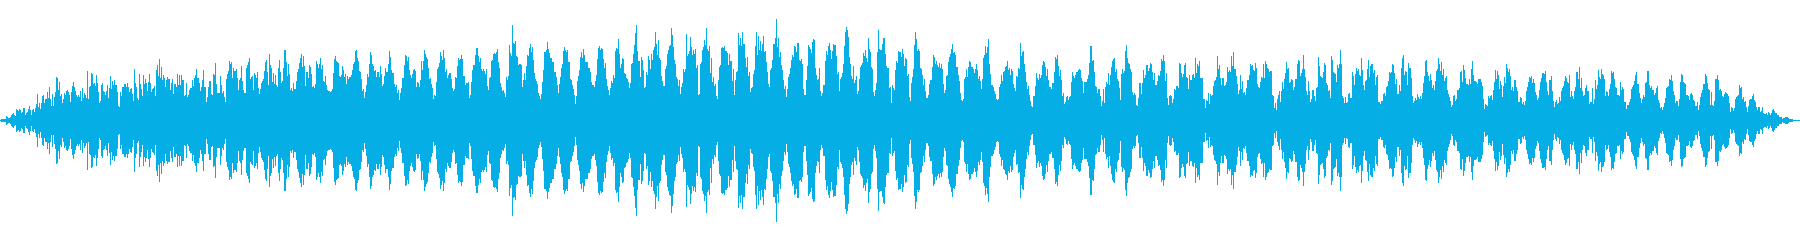 SF UFOの飛行の再生済みの波形